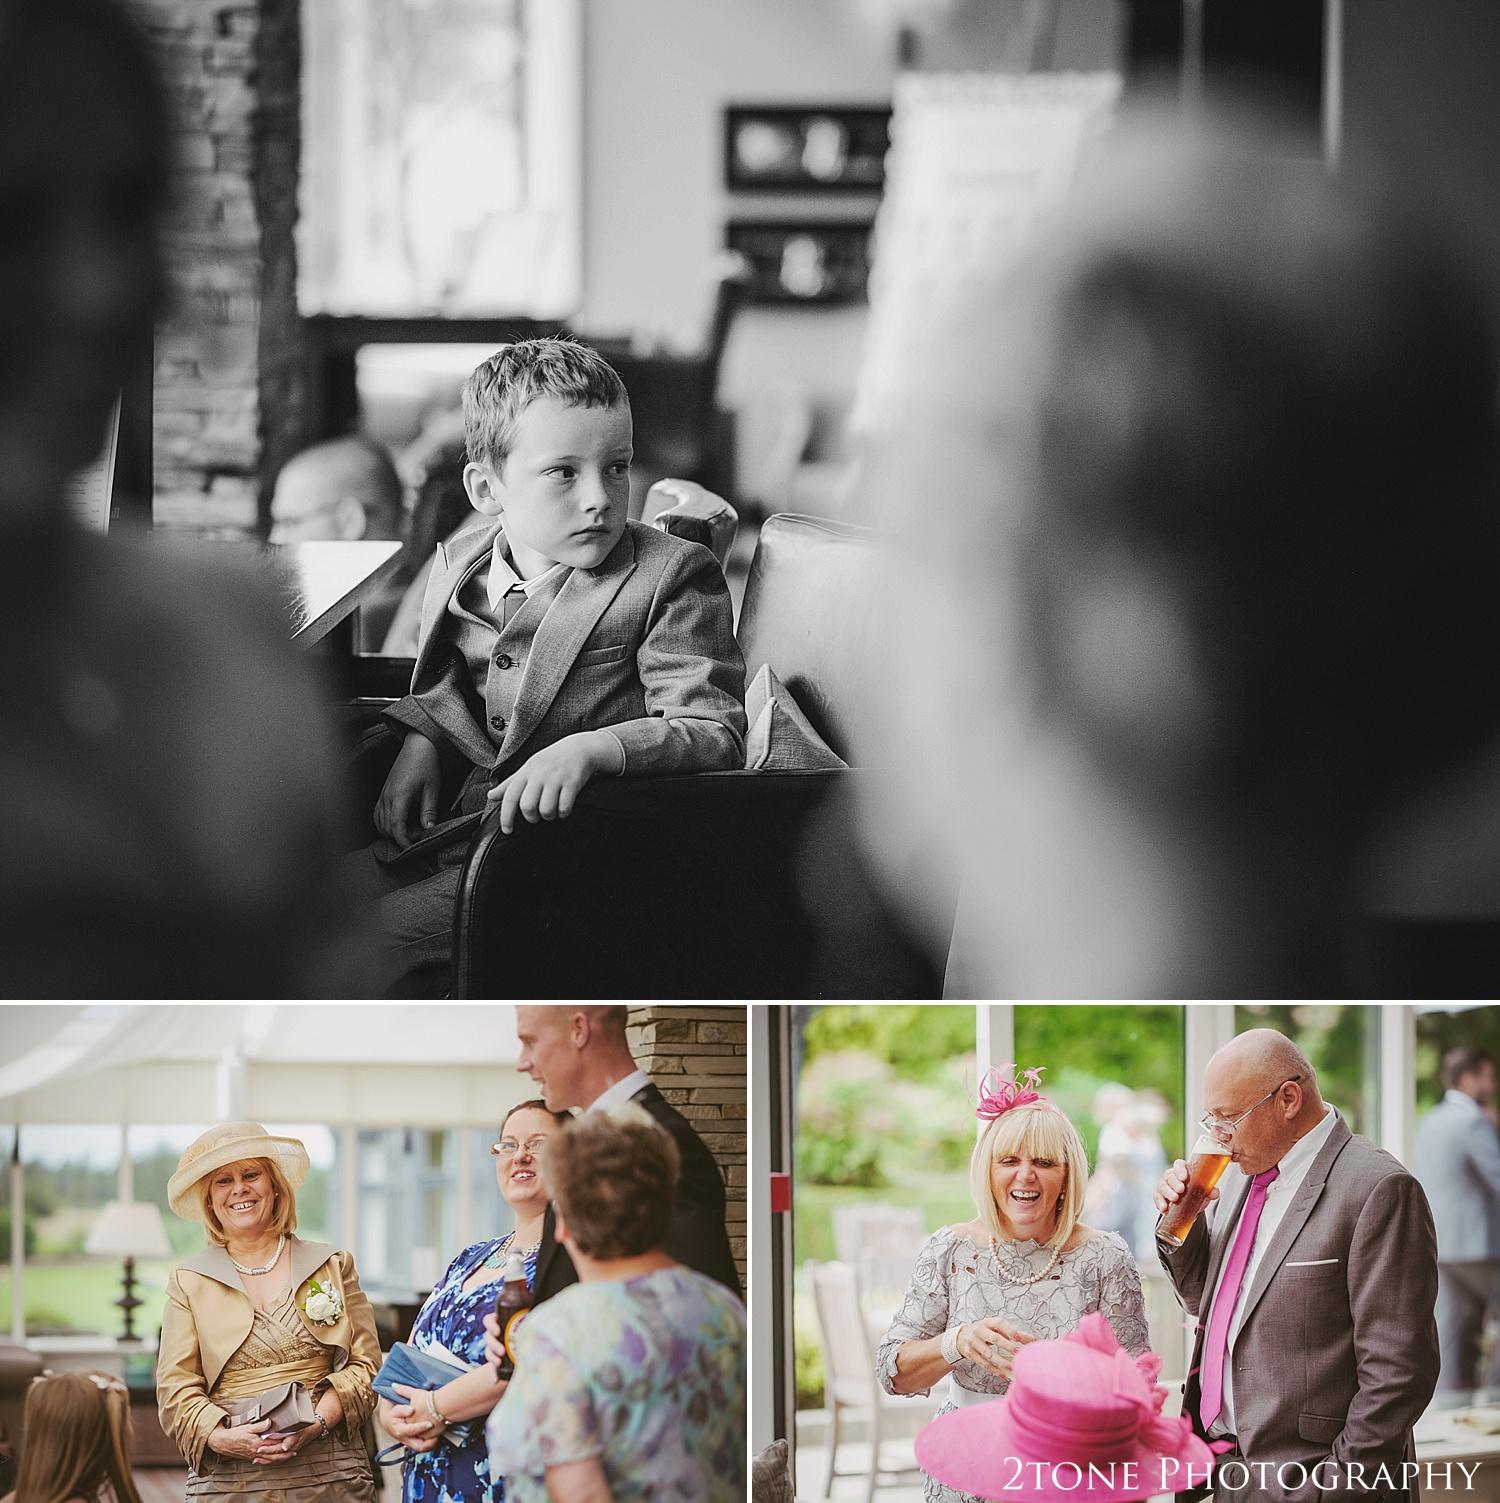 Natural wedding photography at Slaley Hall.  Wedding photography by wedding photographers 2tone Photography.  www.2tonephotography.co.uk